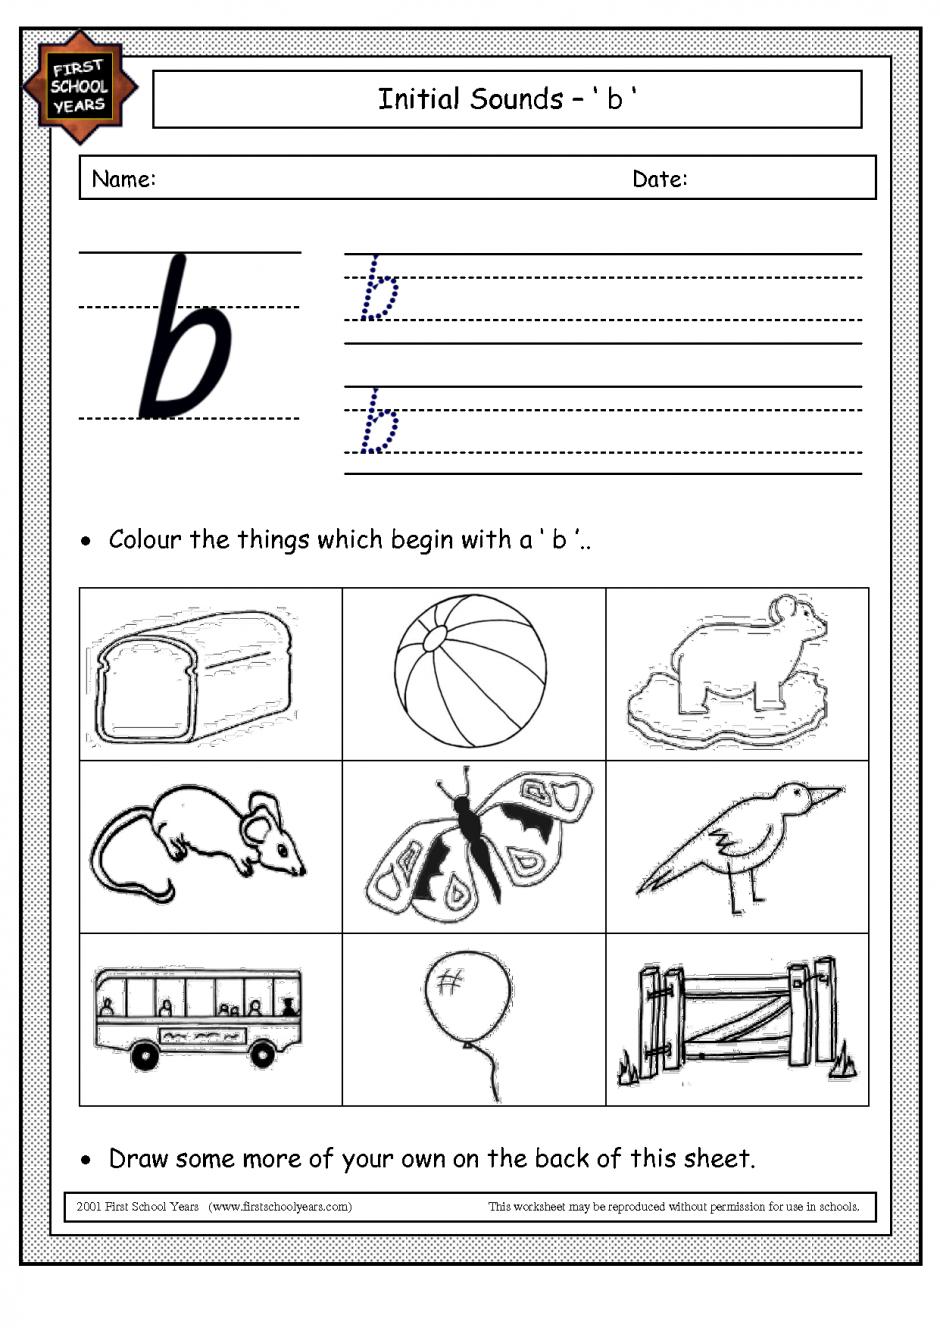 Glancely Free Worksheets For Kids Printables - Jolly Phonics Worksheets Free Printable